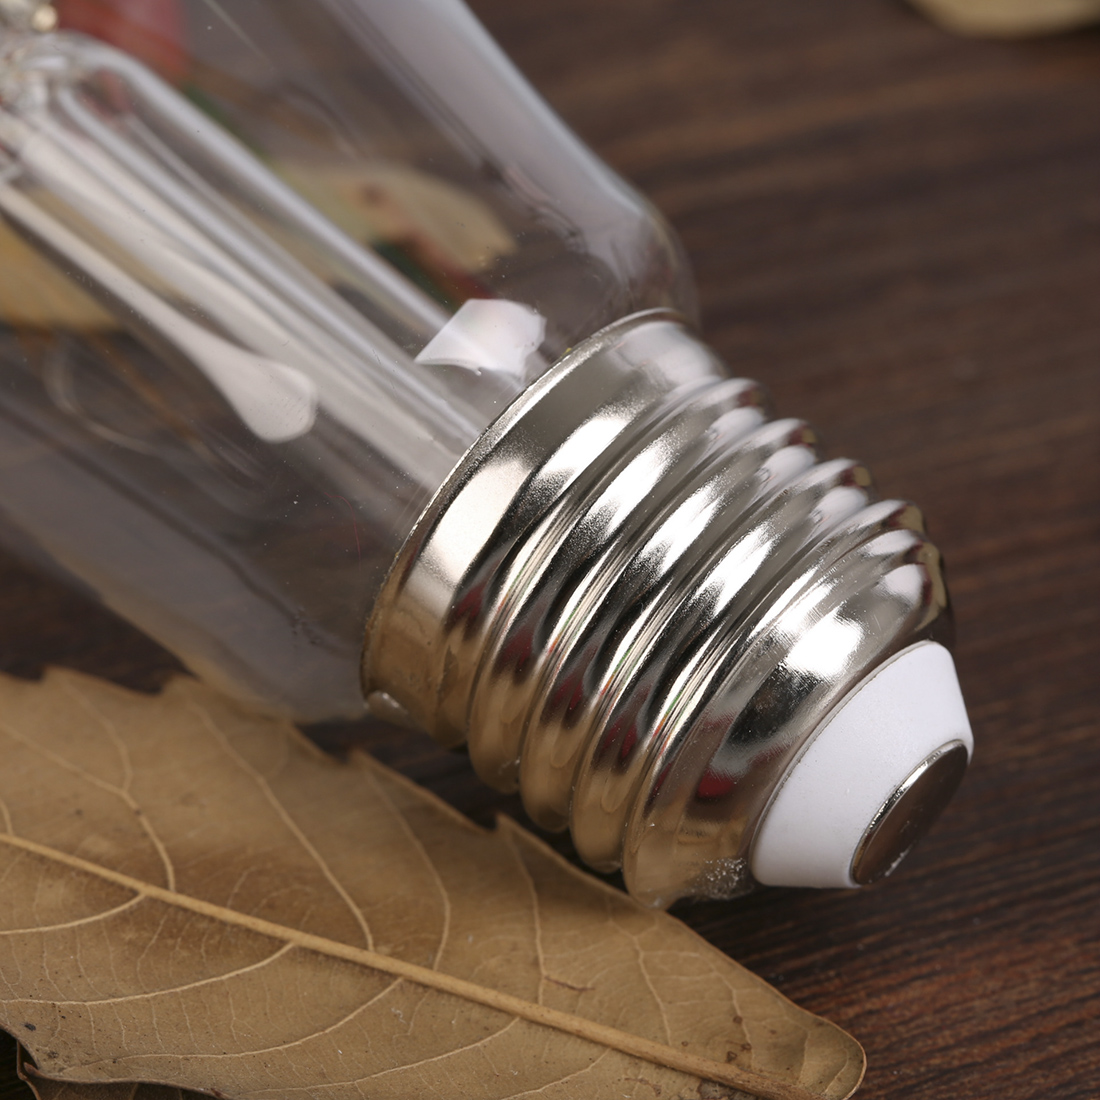 6W-ST64-E27-led-filament-bulb-4